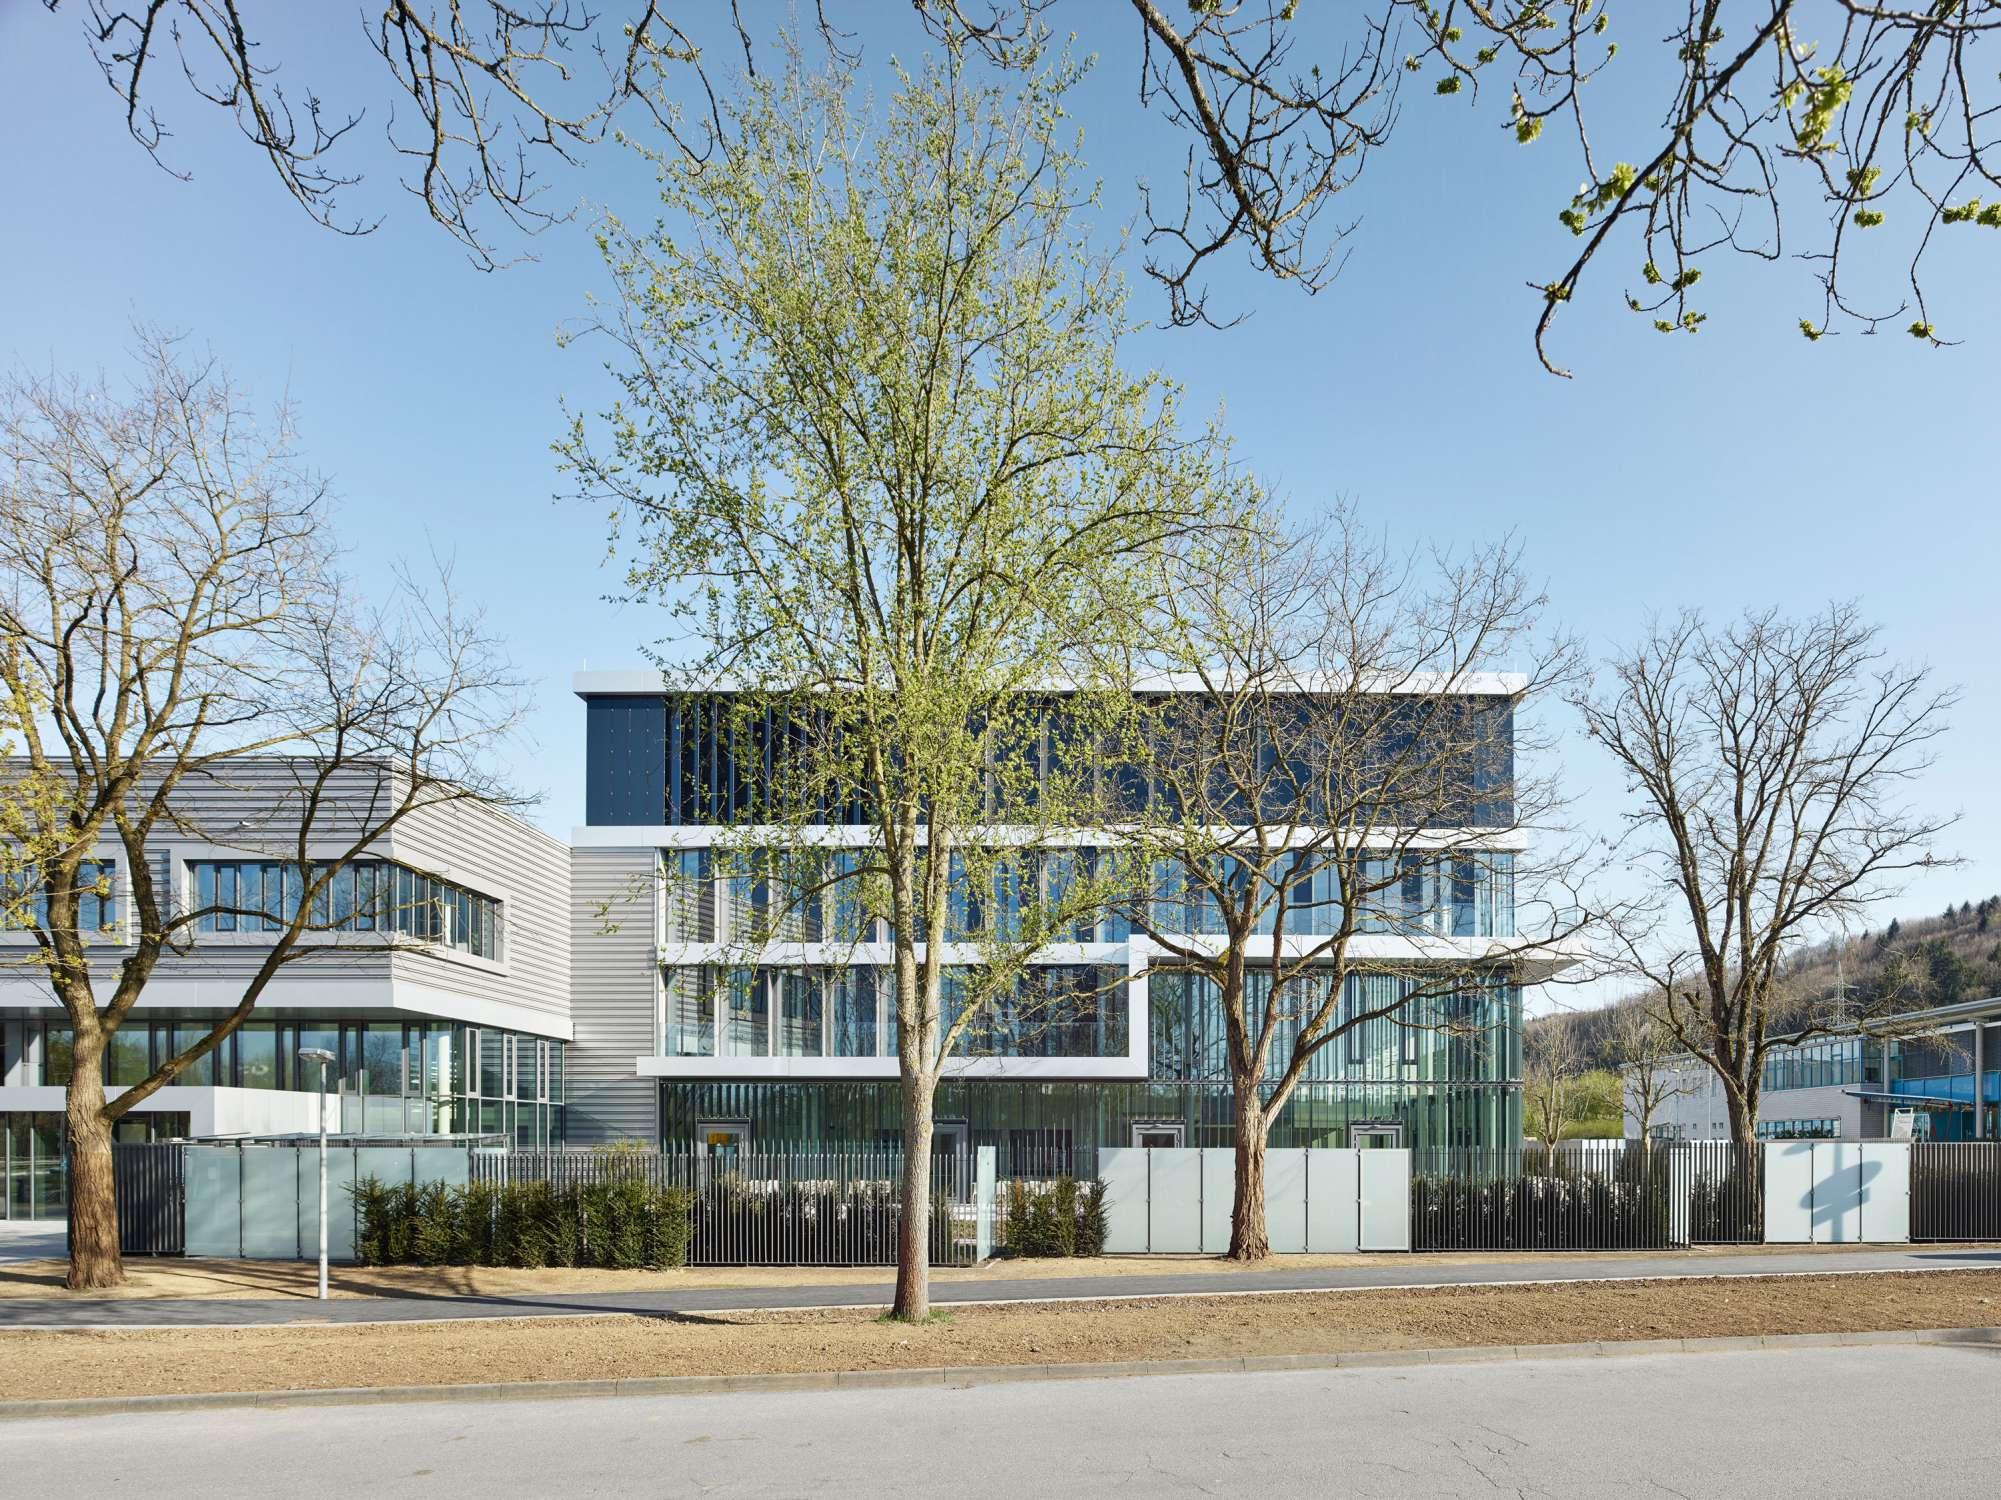 Verwaltungs- und Infrastrukturgebäude